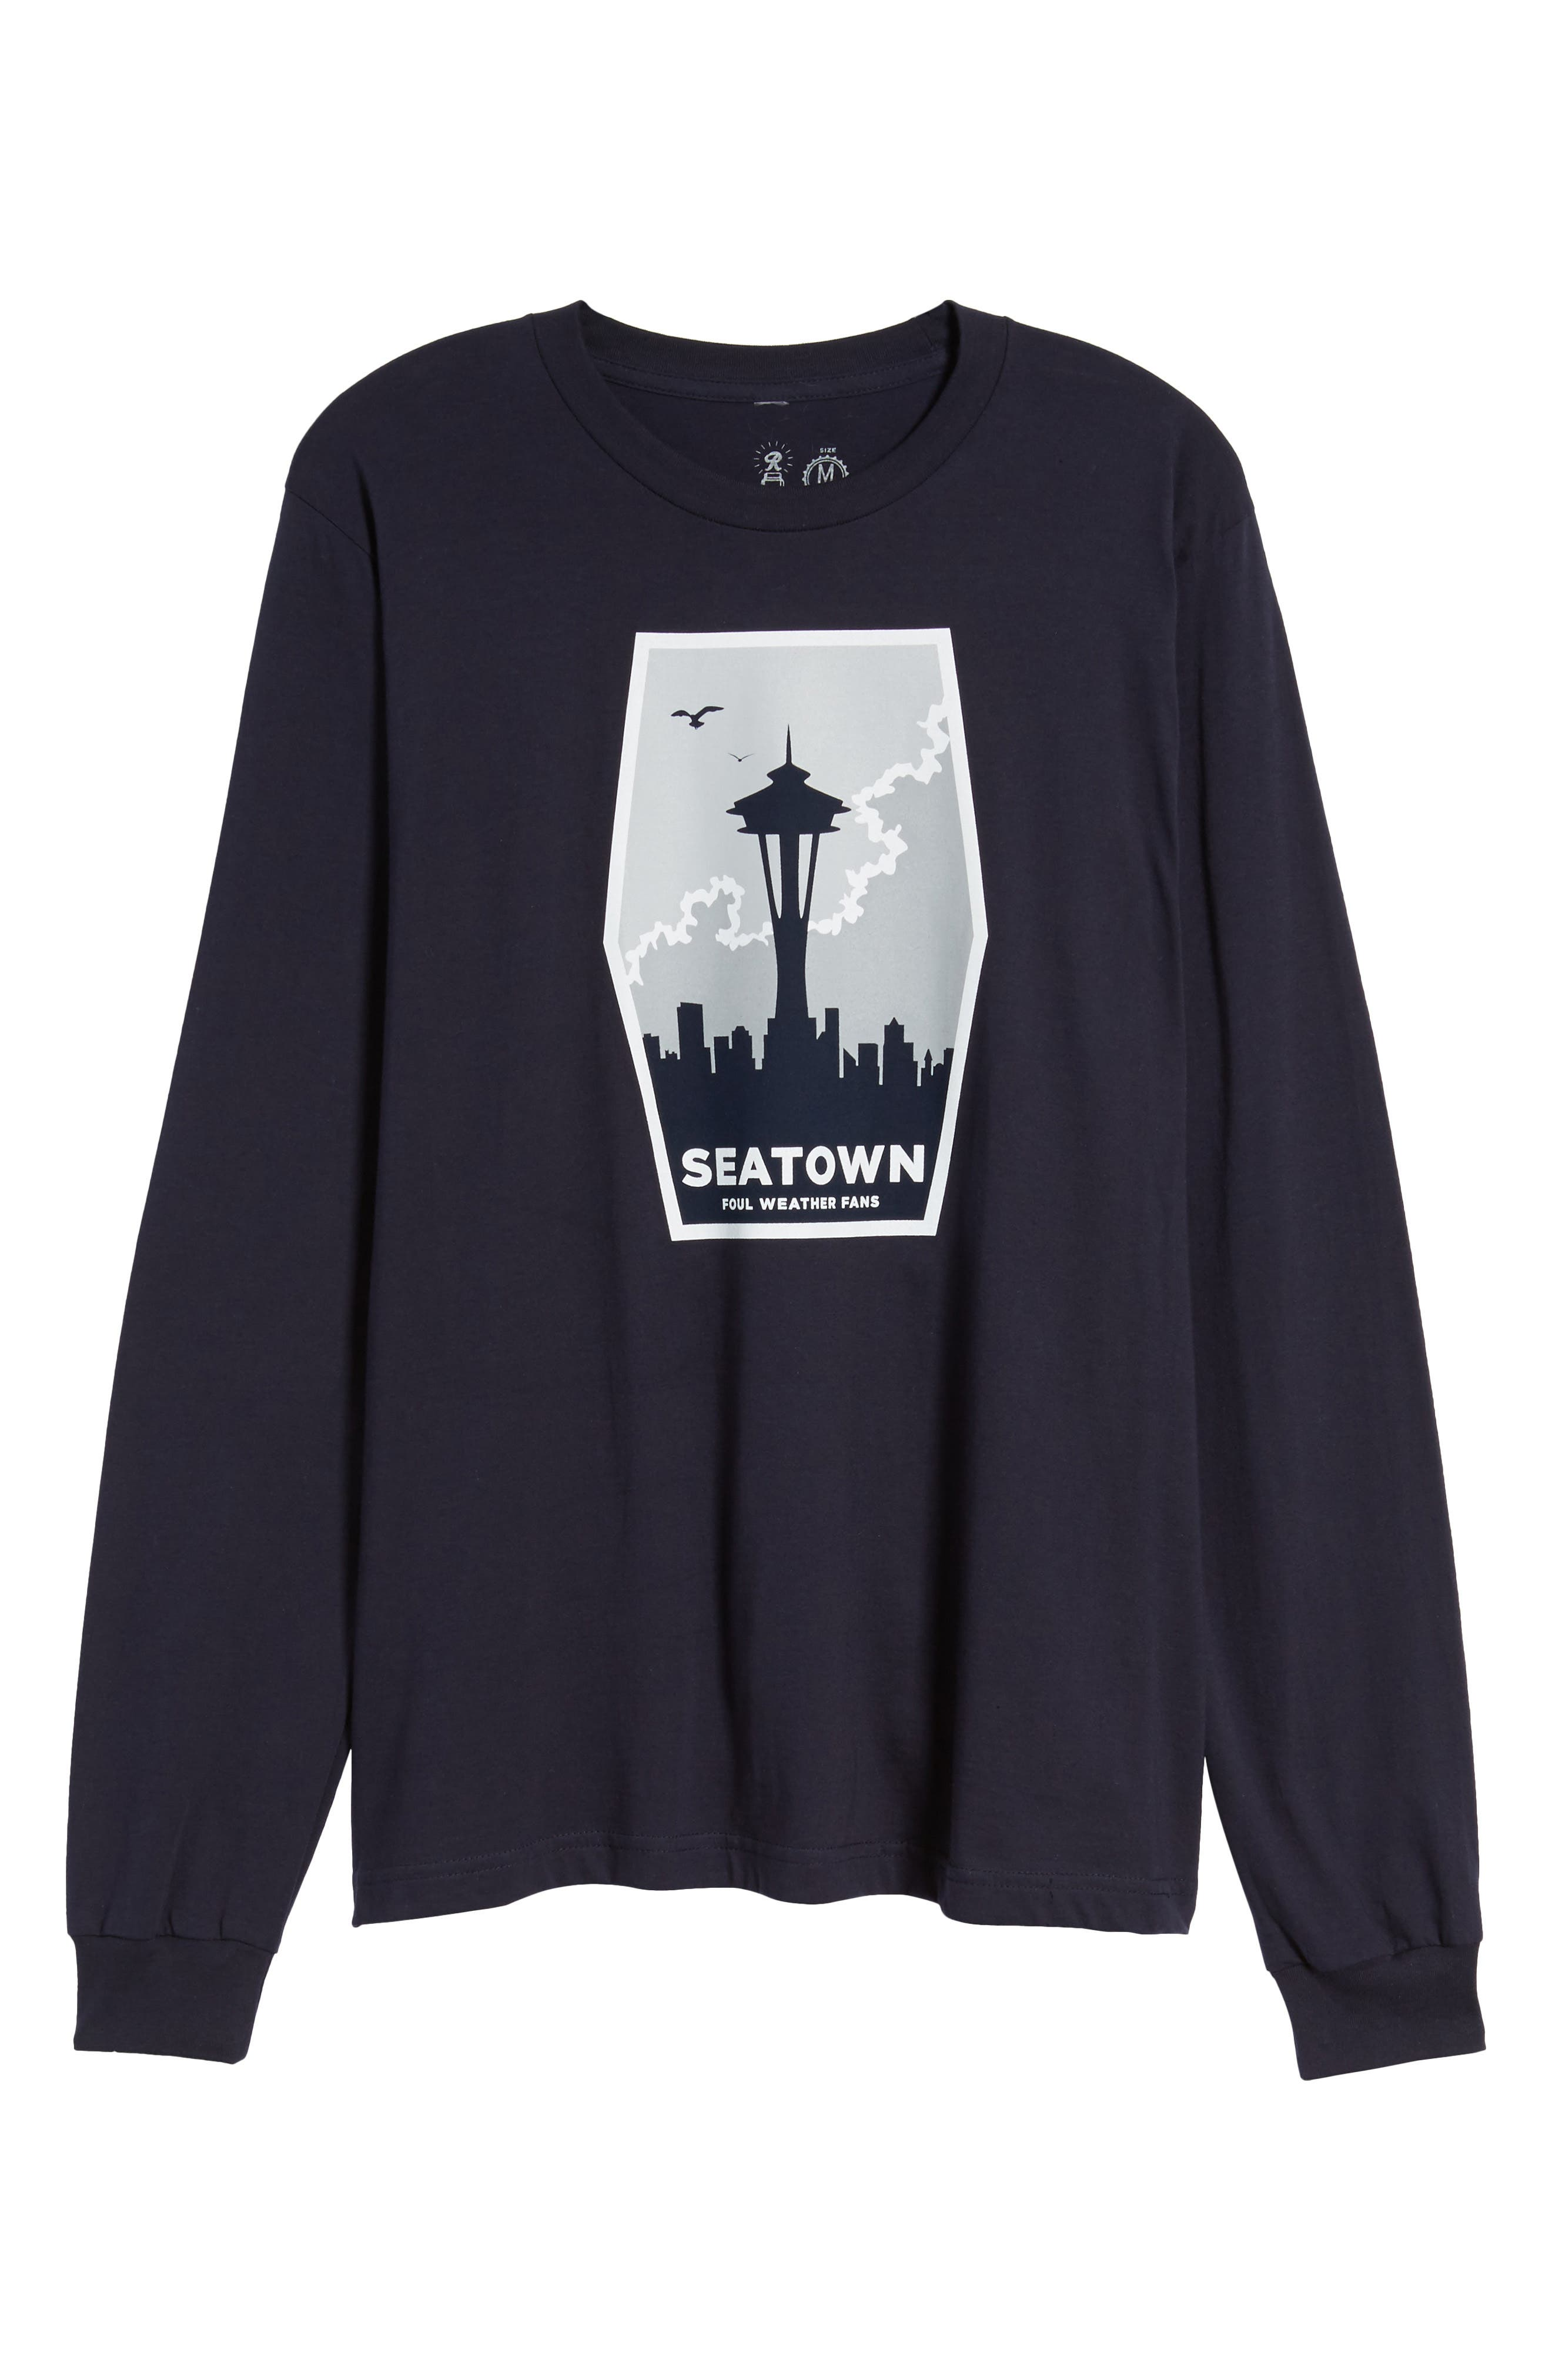 Foul Weather Fans T-Shirt,                             Alternate thumbnail 6, color,                             400